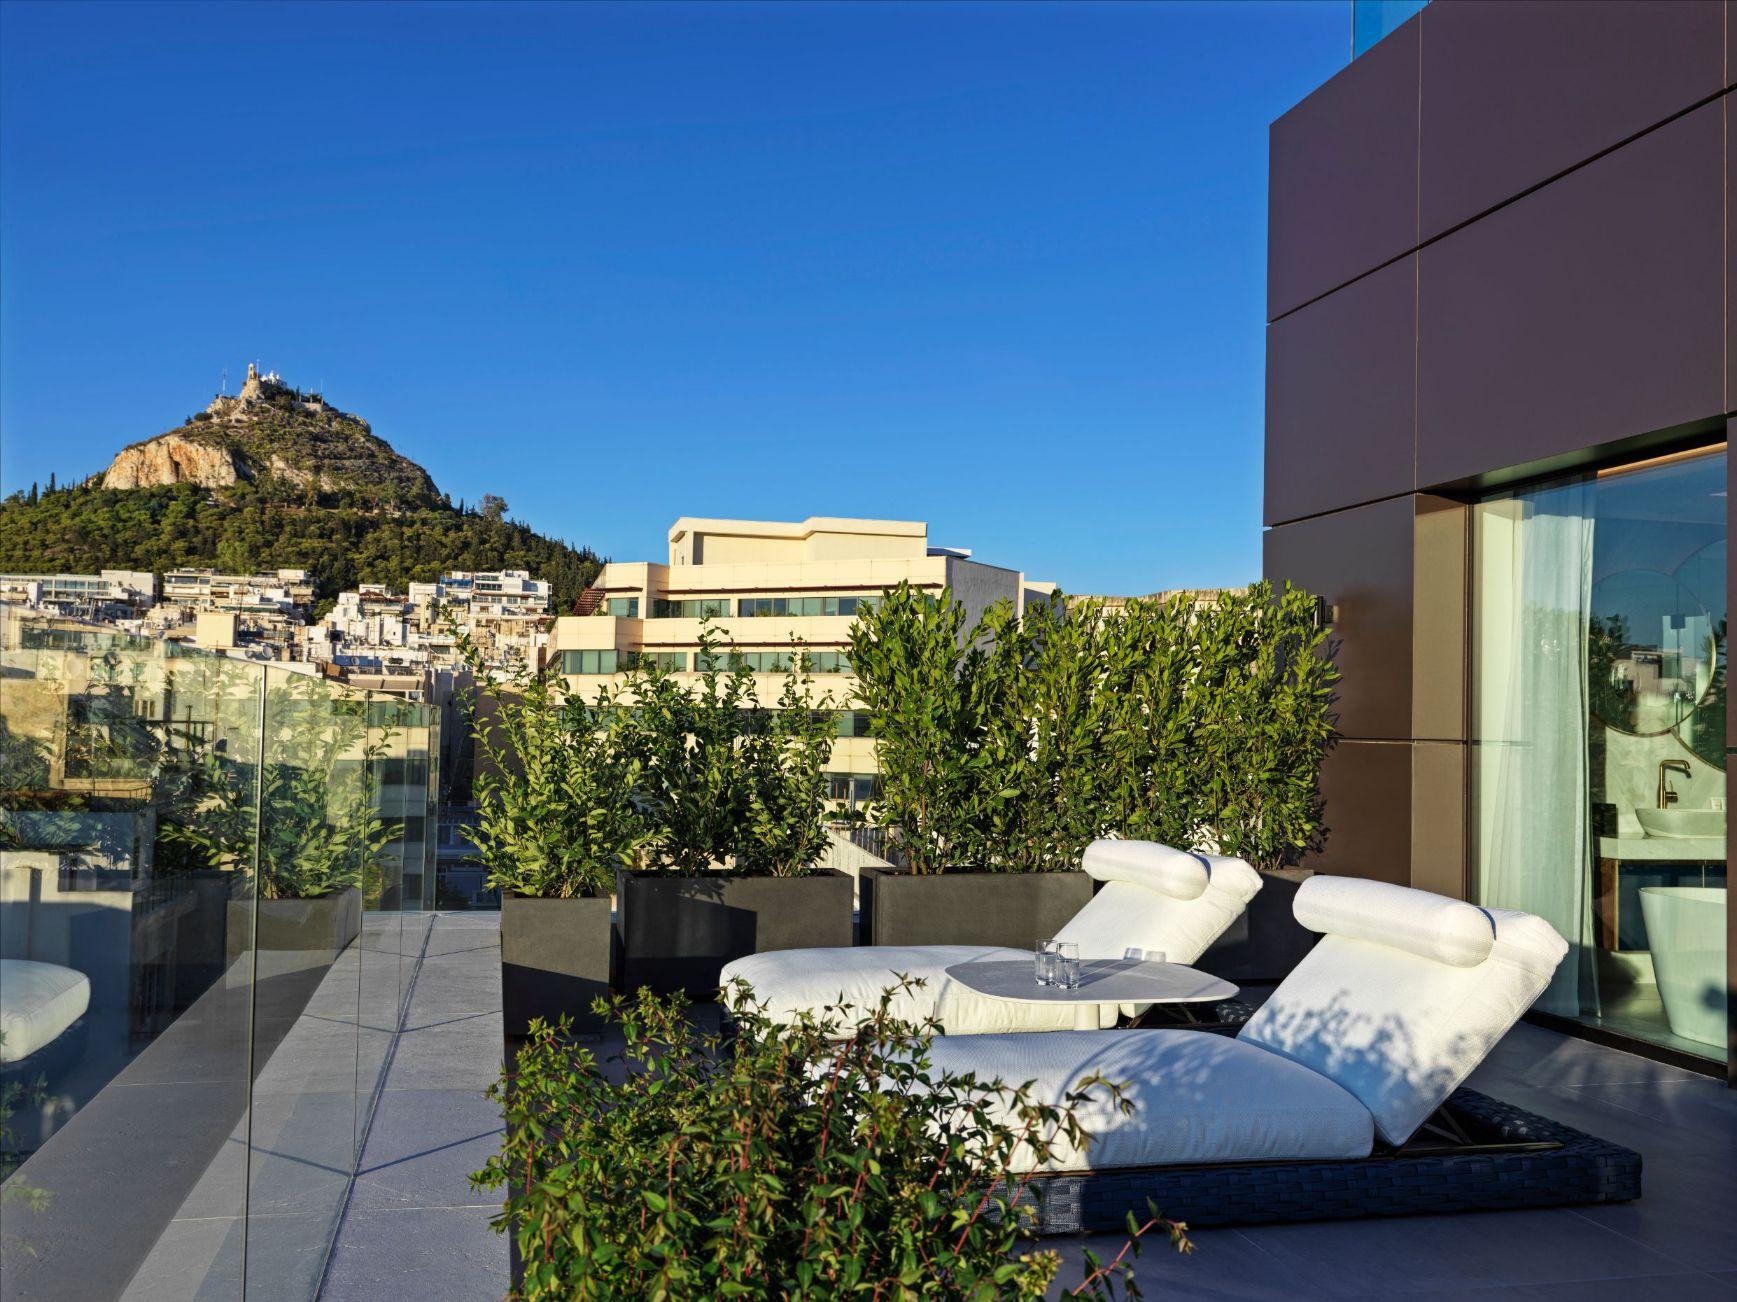 Athens Capital Hotel-MGallery-Presedential Suite Veranda